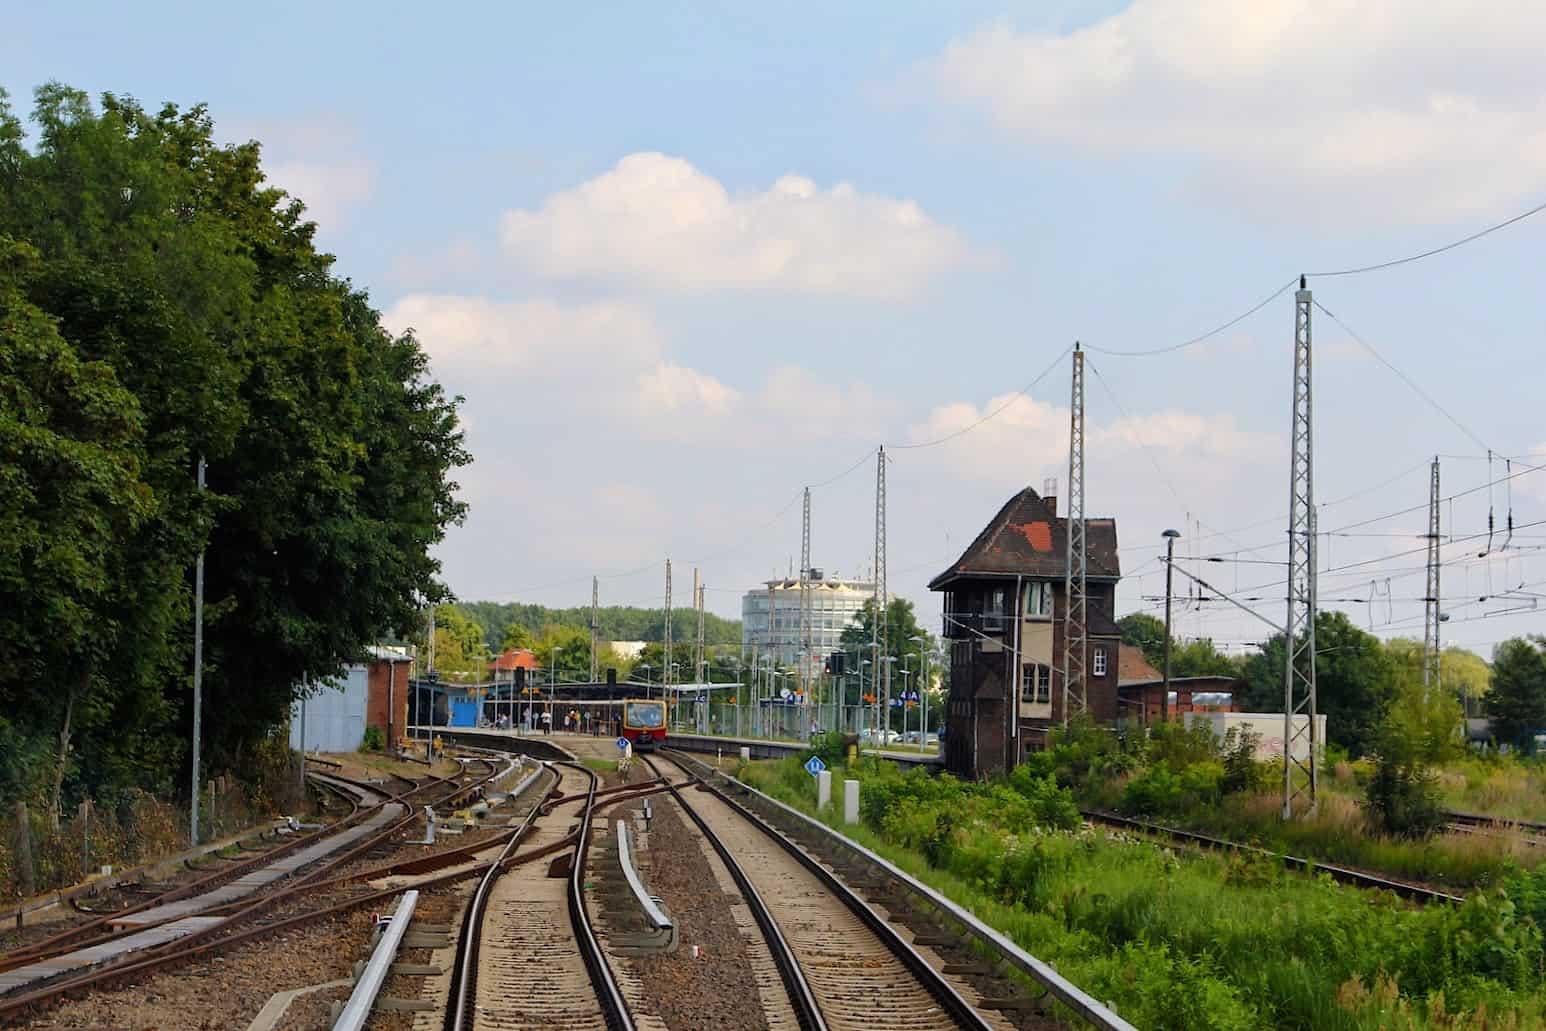 S2: Ab Donnerstag (13.09.) SEV zwischen Blankenburg und Karow